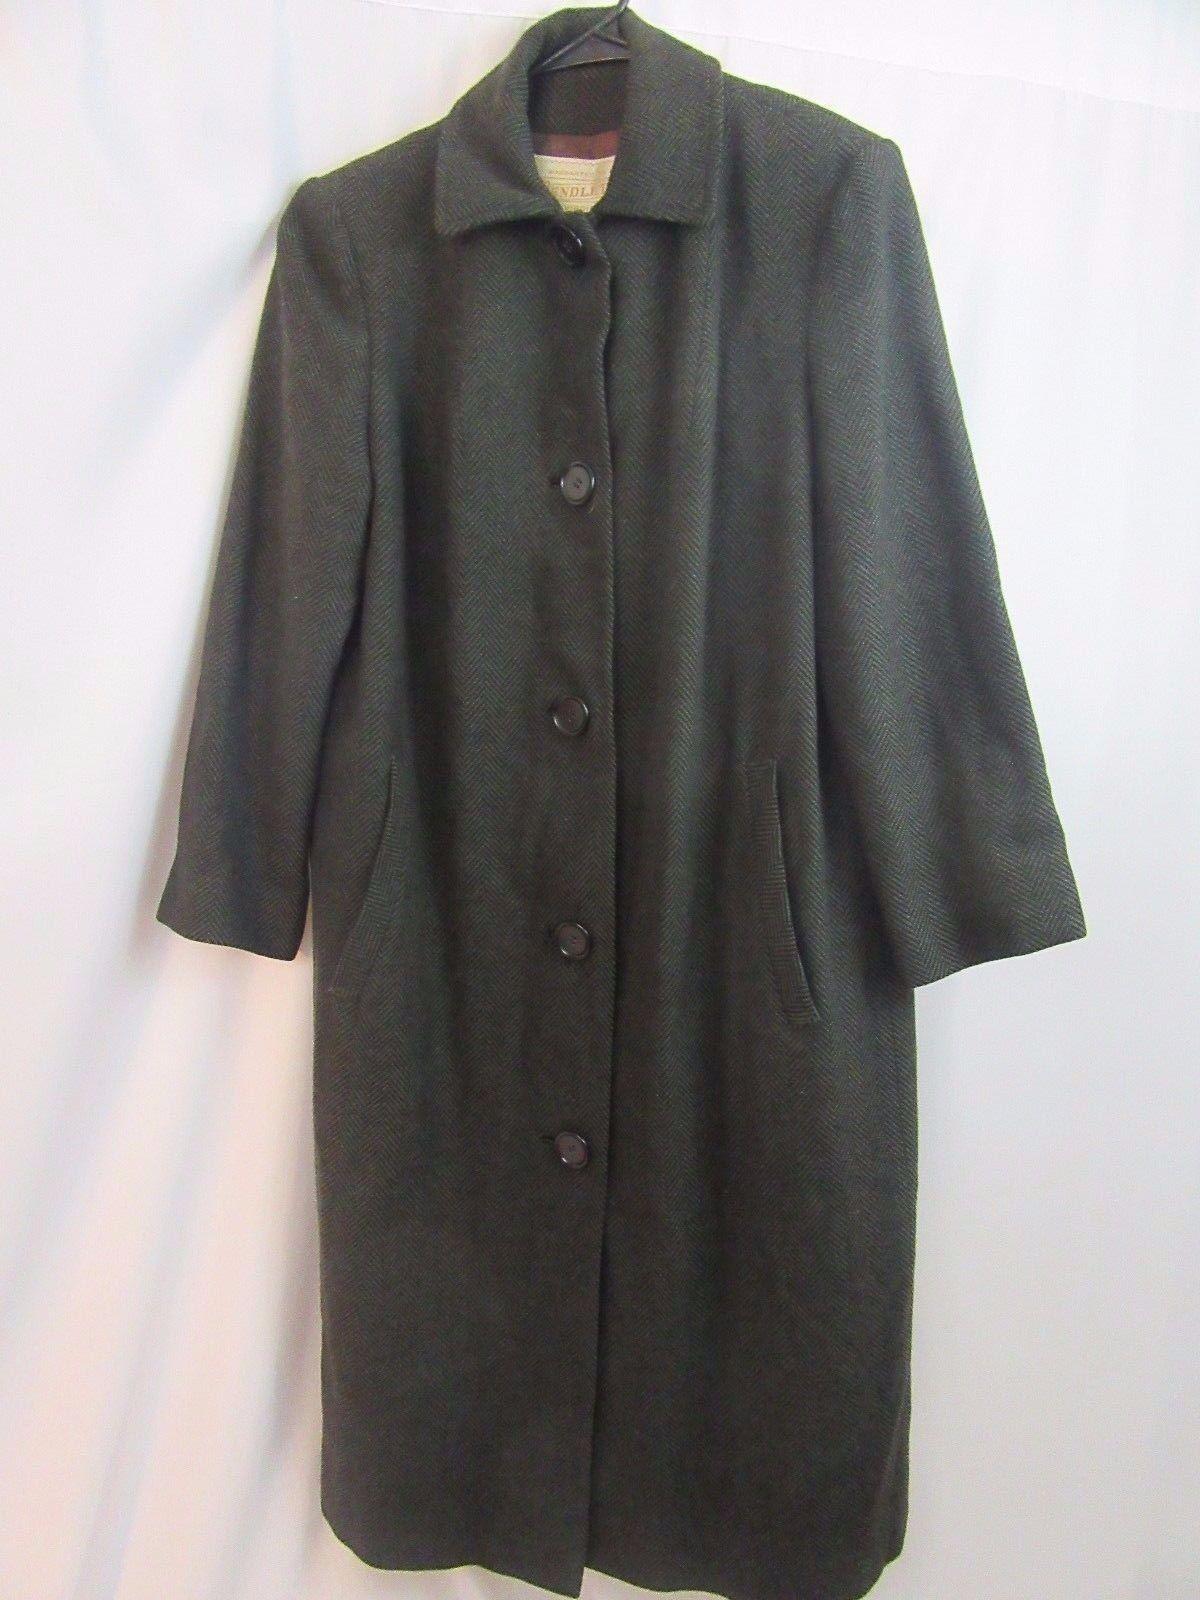 Pendleton Women's Herringbone Long Coat VTG 70's Virgin Wool Made in USA Size 12